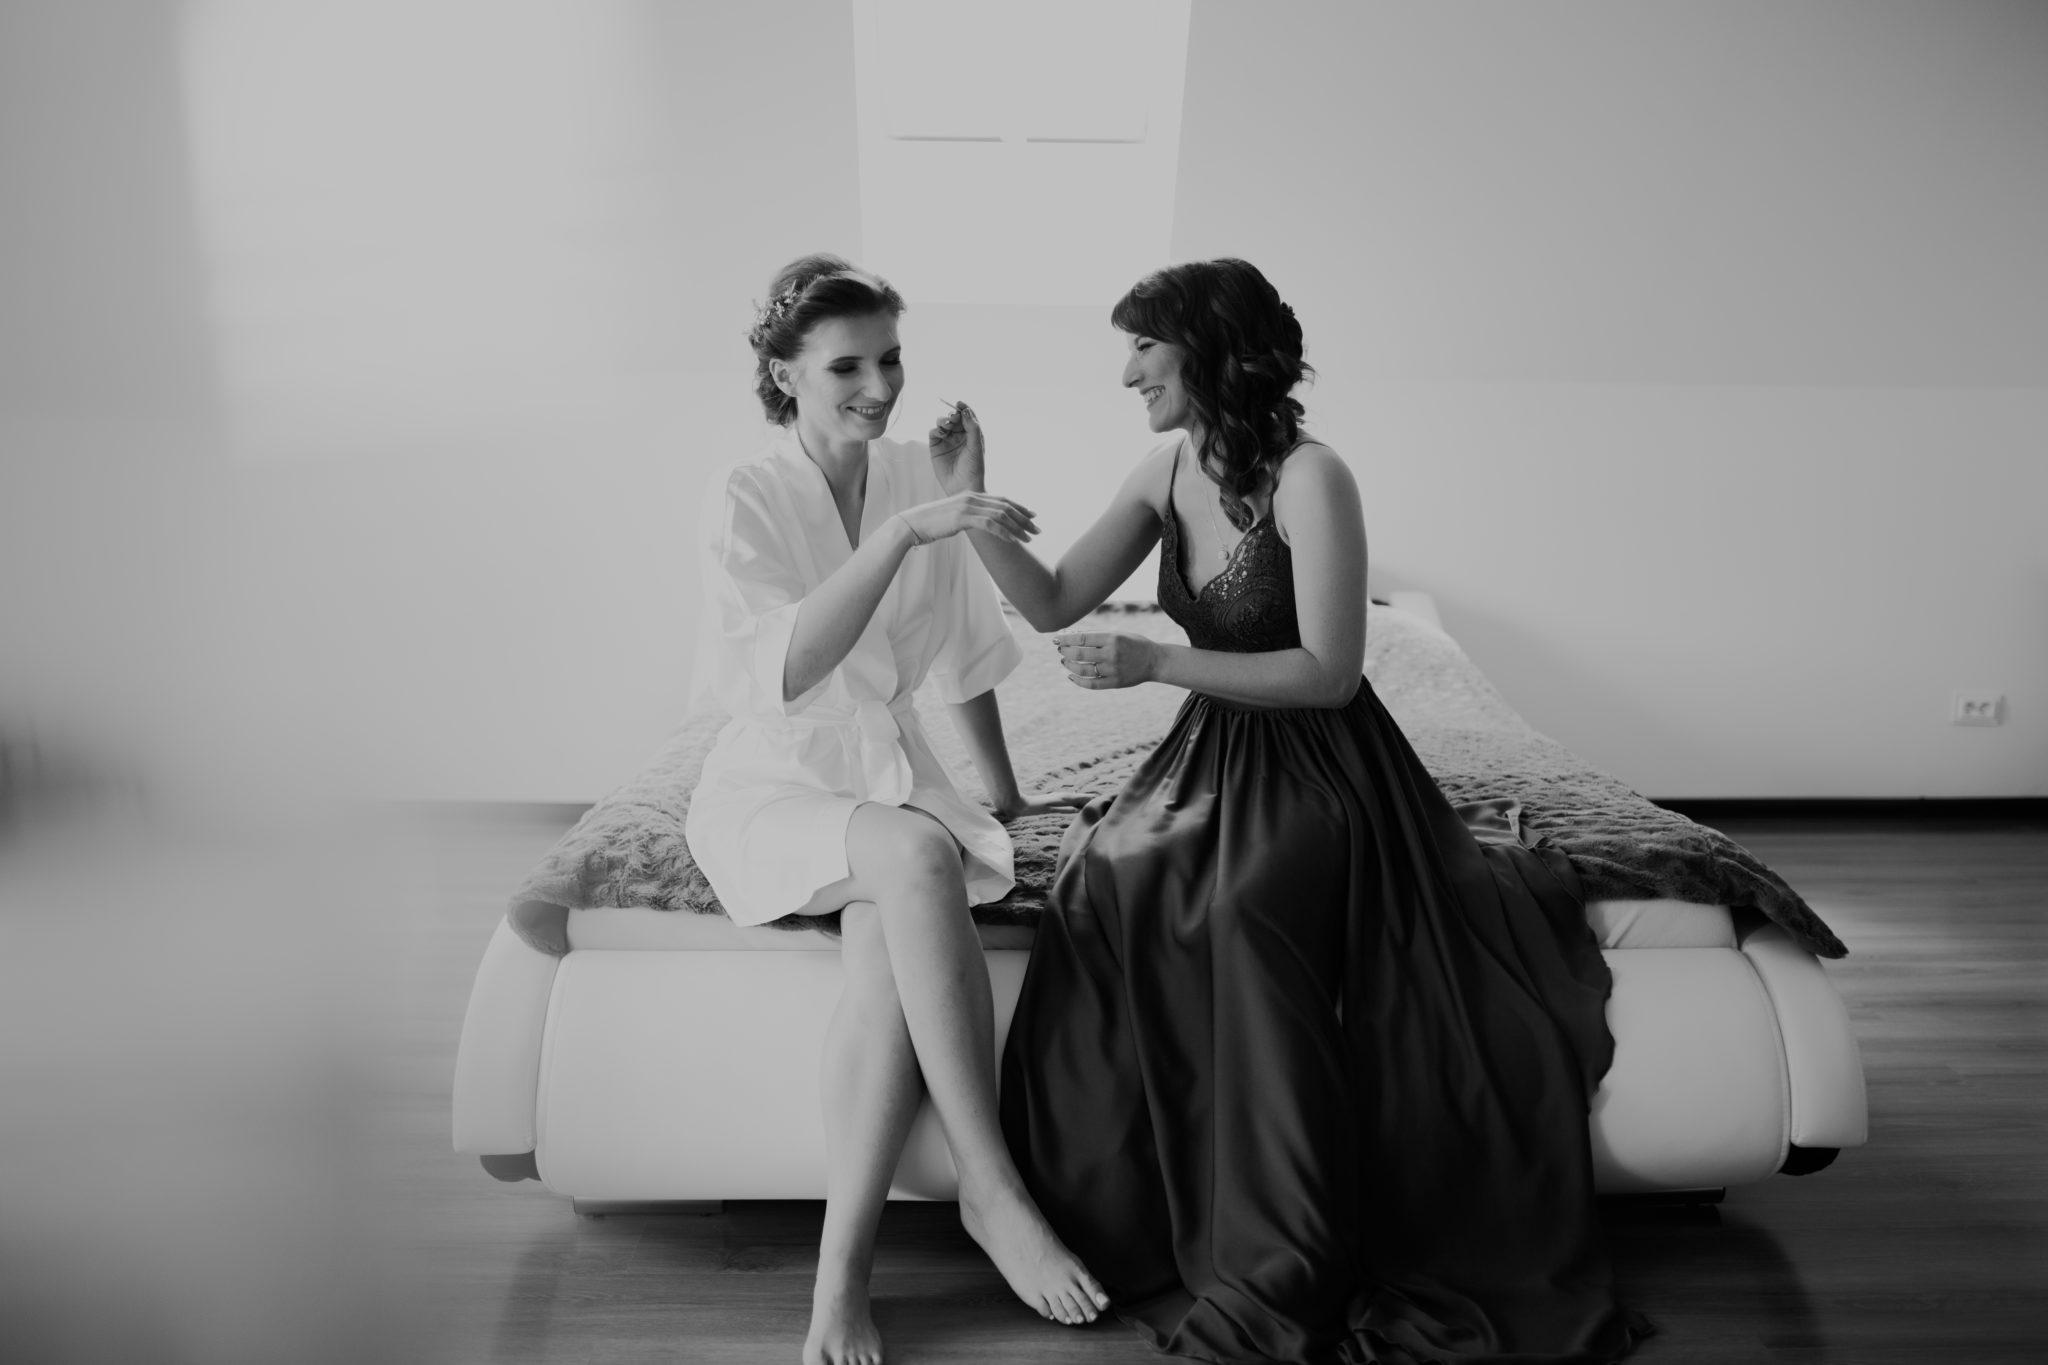 gosia i kuba20 1 - fotografiagk Fotografia ślubna RK wedding